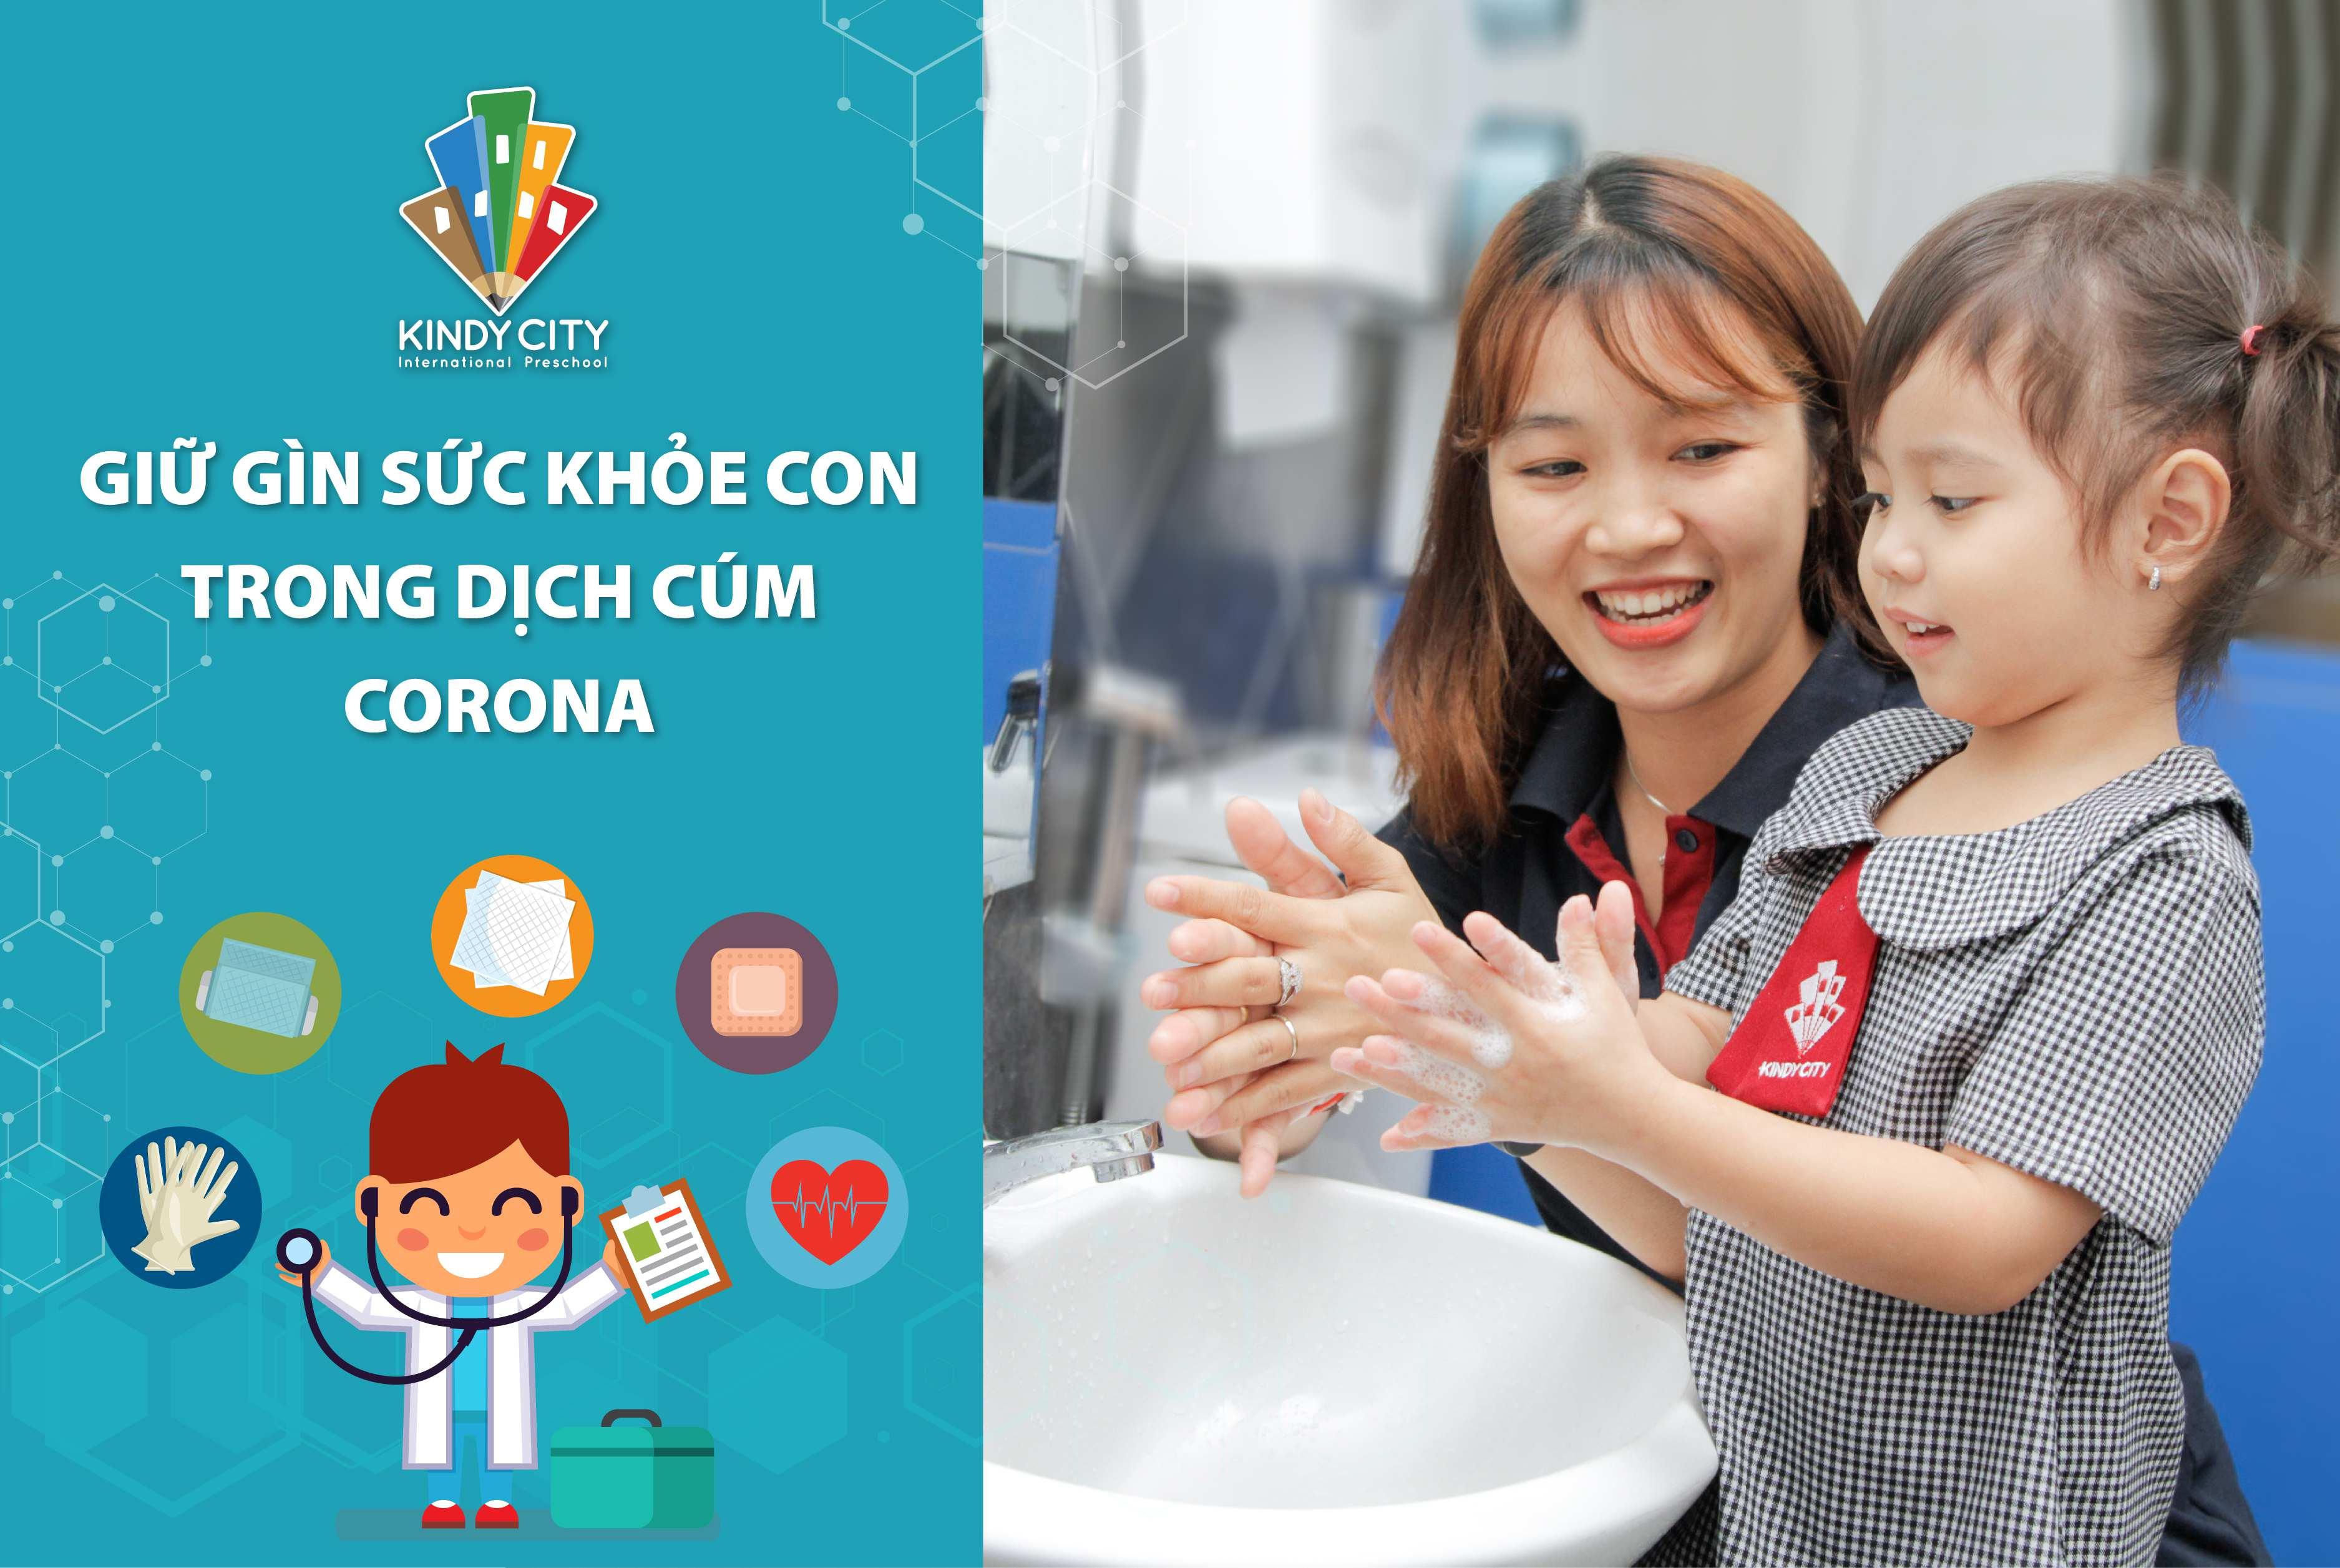 Giữ gìn sức khỏe con trong dịch Cúm Corona